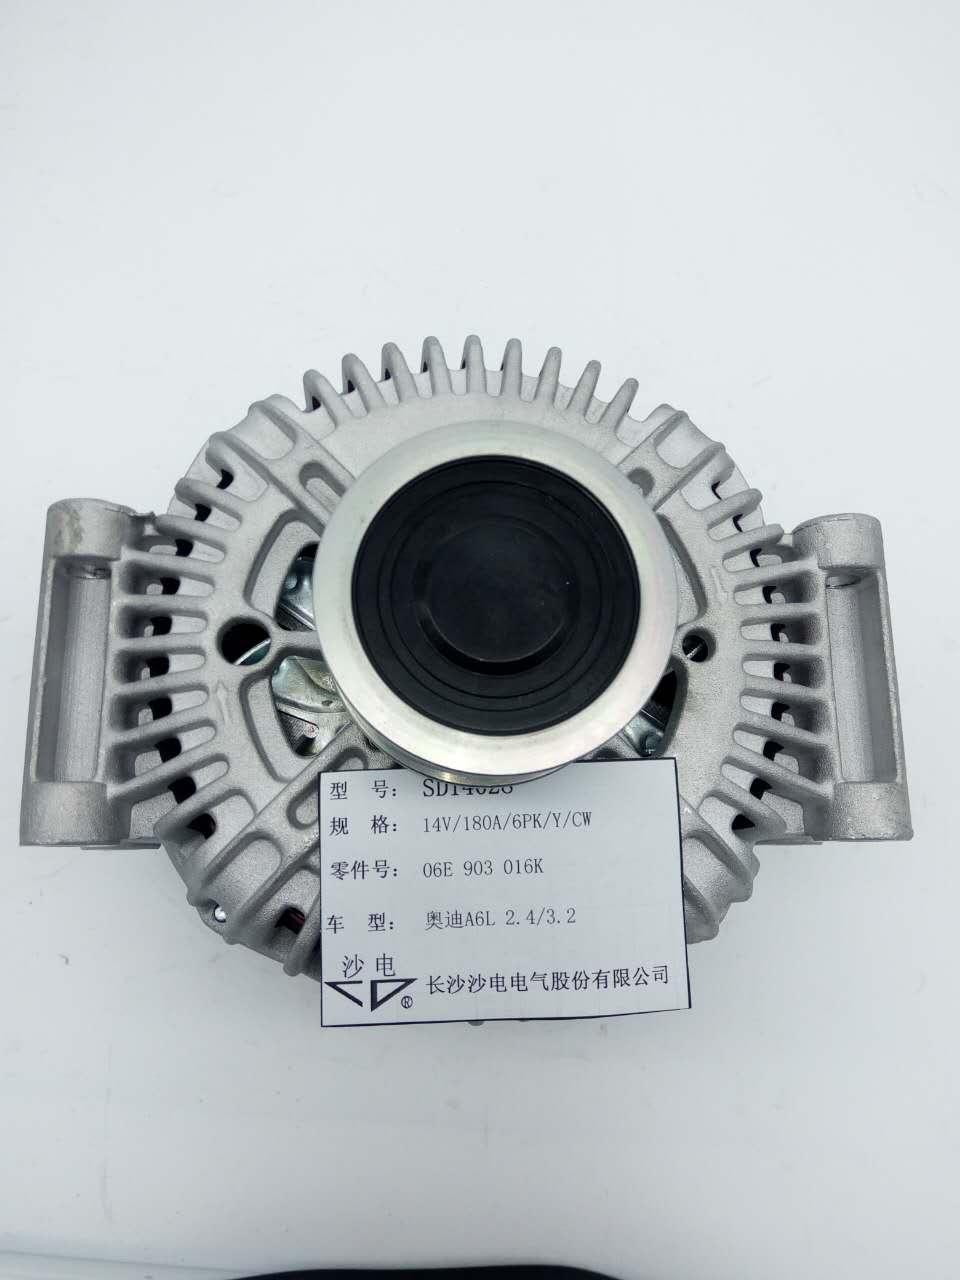 奥迪A6L 2.4 3.2发电机06E903016K,SD14015